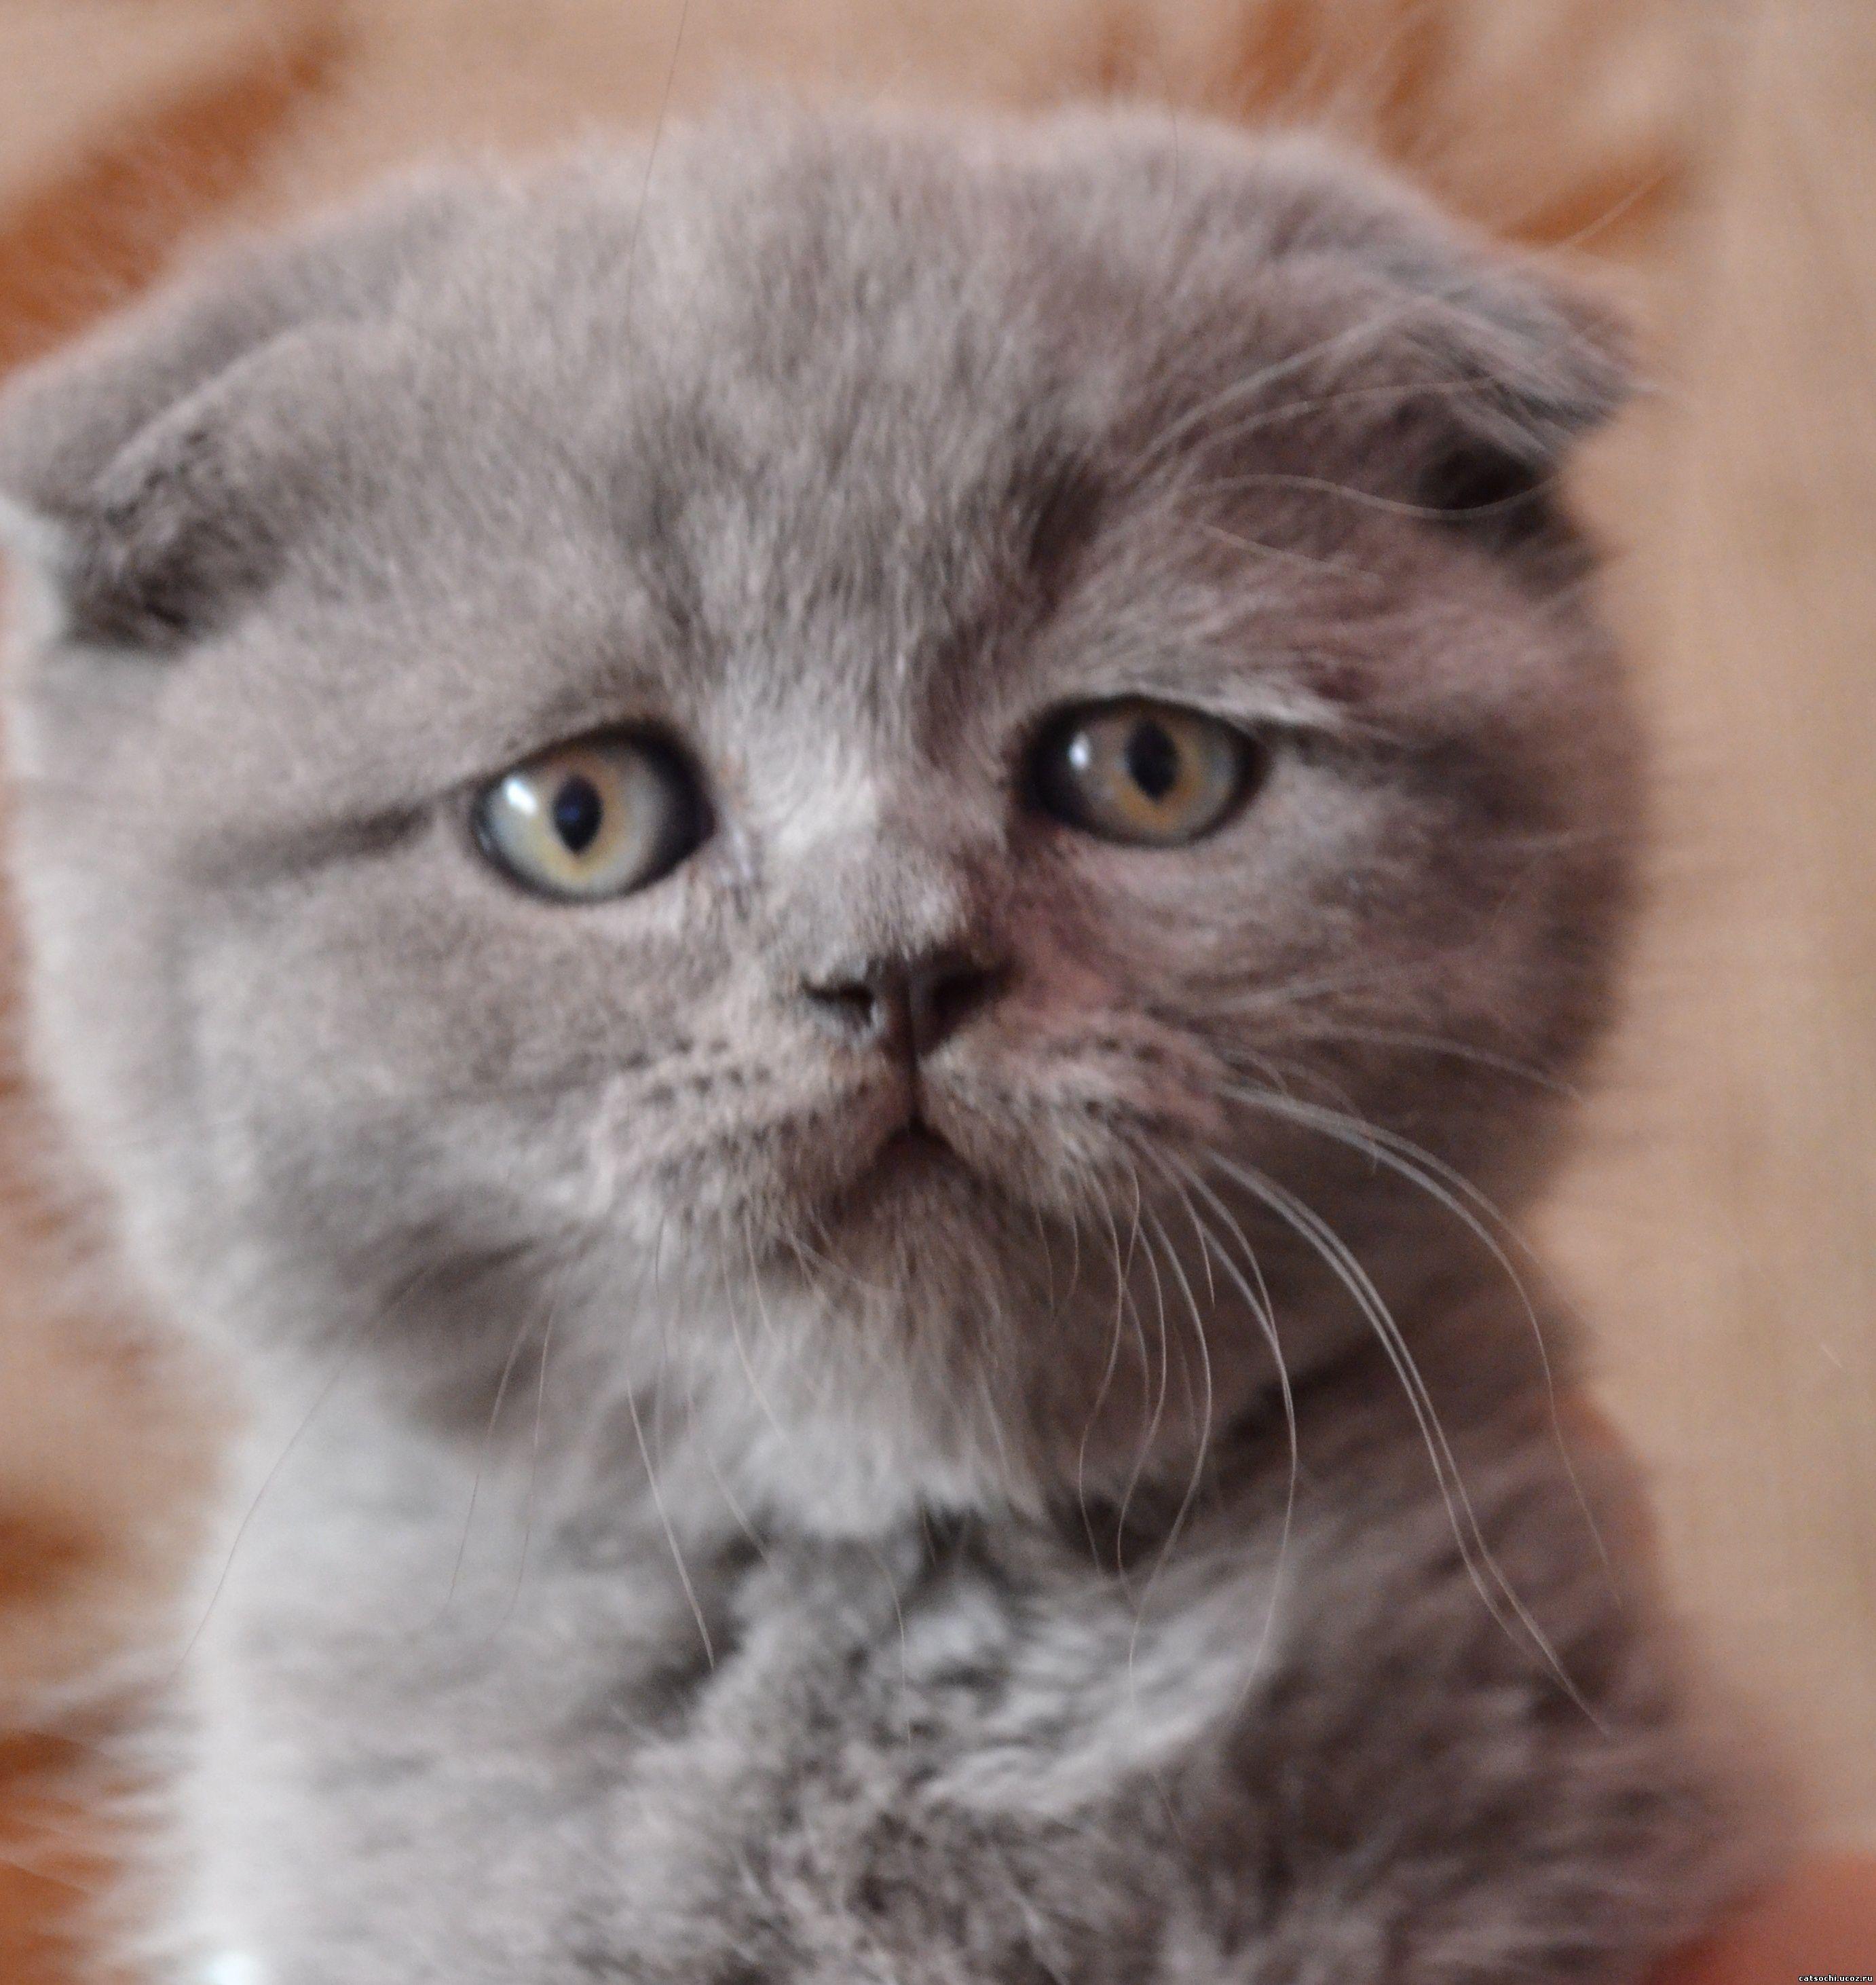 Аллергия у кошки на ушах зимой в какой